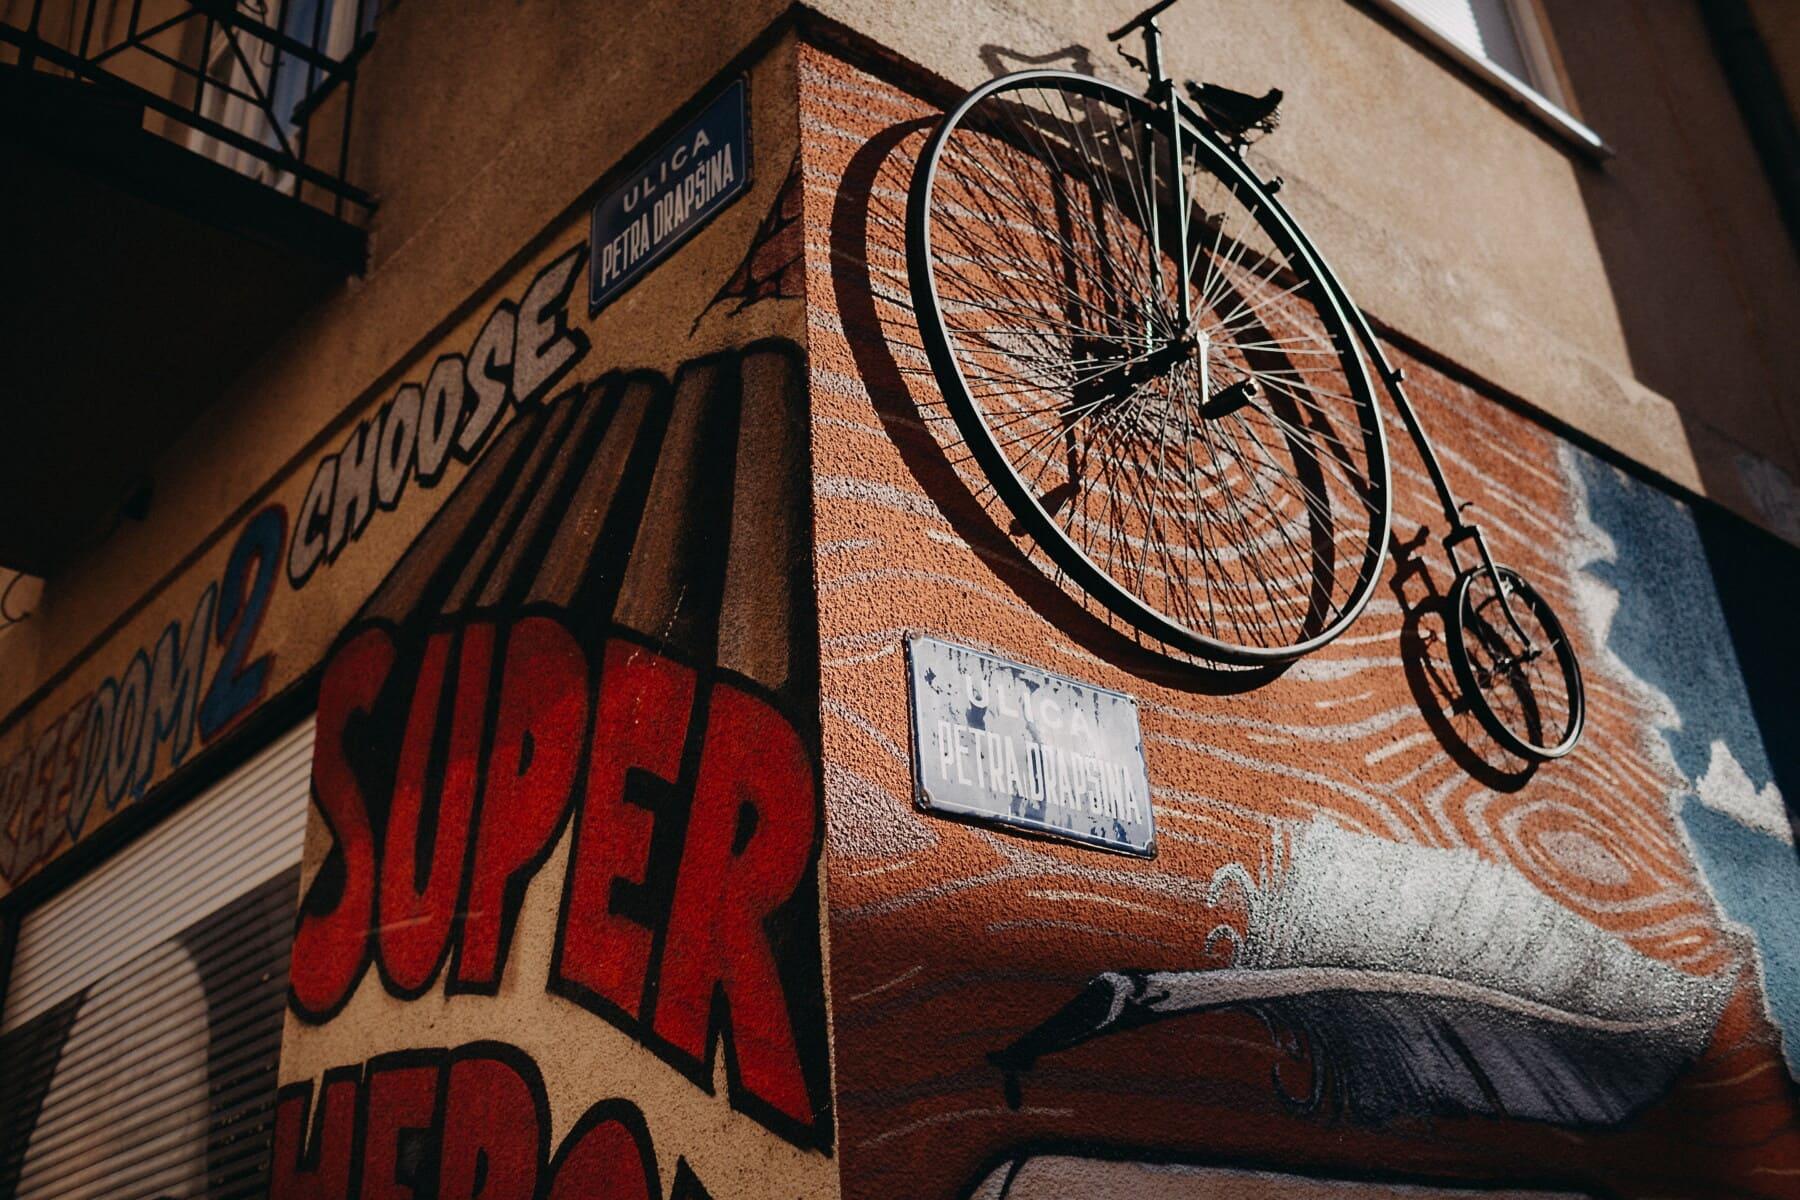 vélo, antiquité, suspendu, mur, démodé, vieux, vintage, Graffiti, décoration, Retro